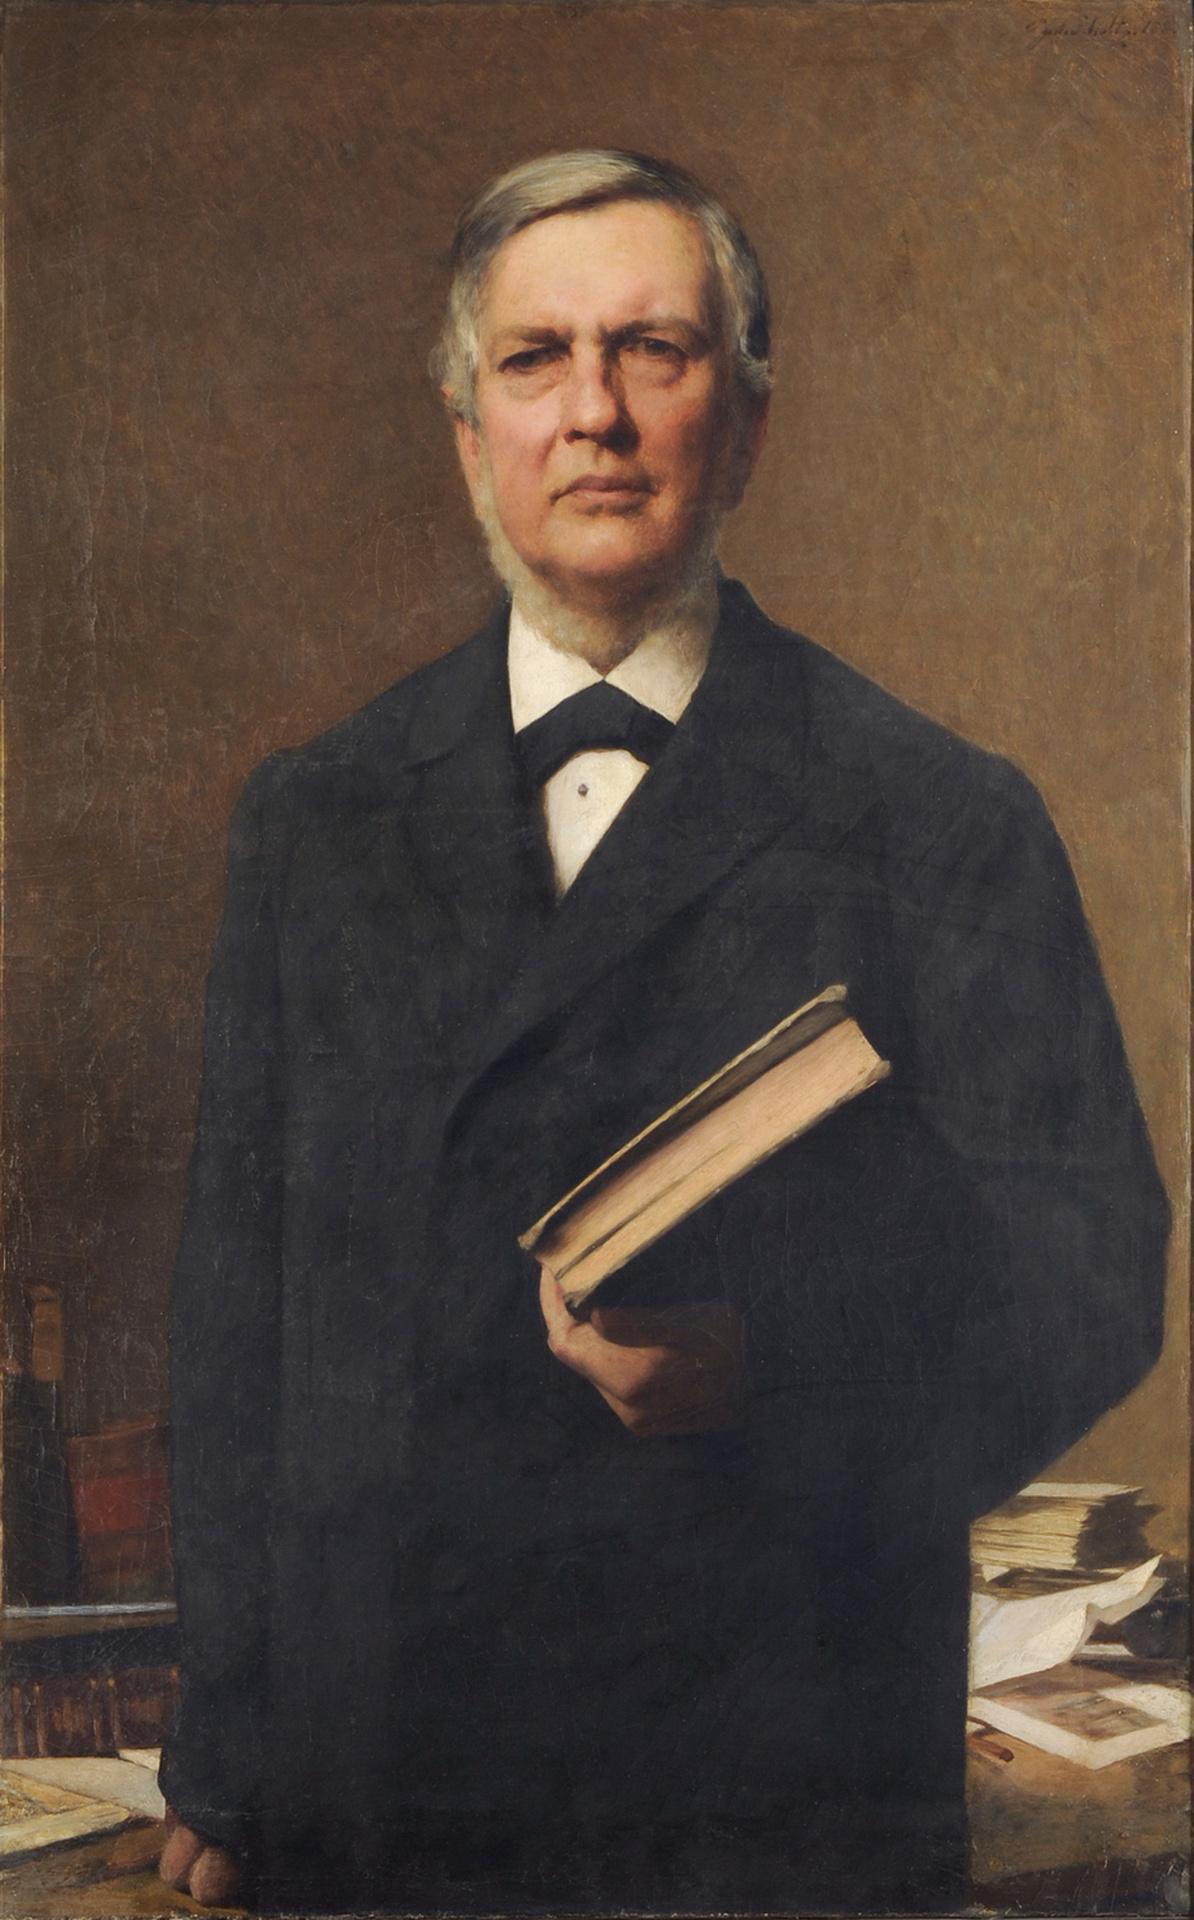 Bildnis des Oberbibliothekars in Dresden Ernst Wilhelm Förstemann (1822-1906). Ölgemälde von Julius Scholtz, Dresden 1882. Dresden: SLUB